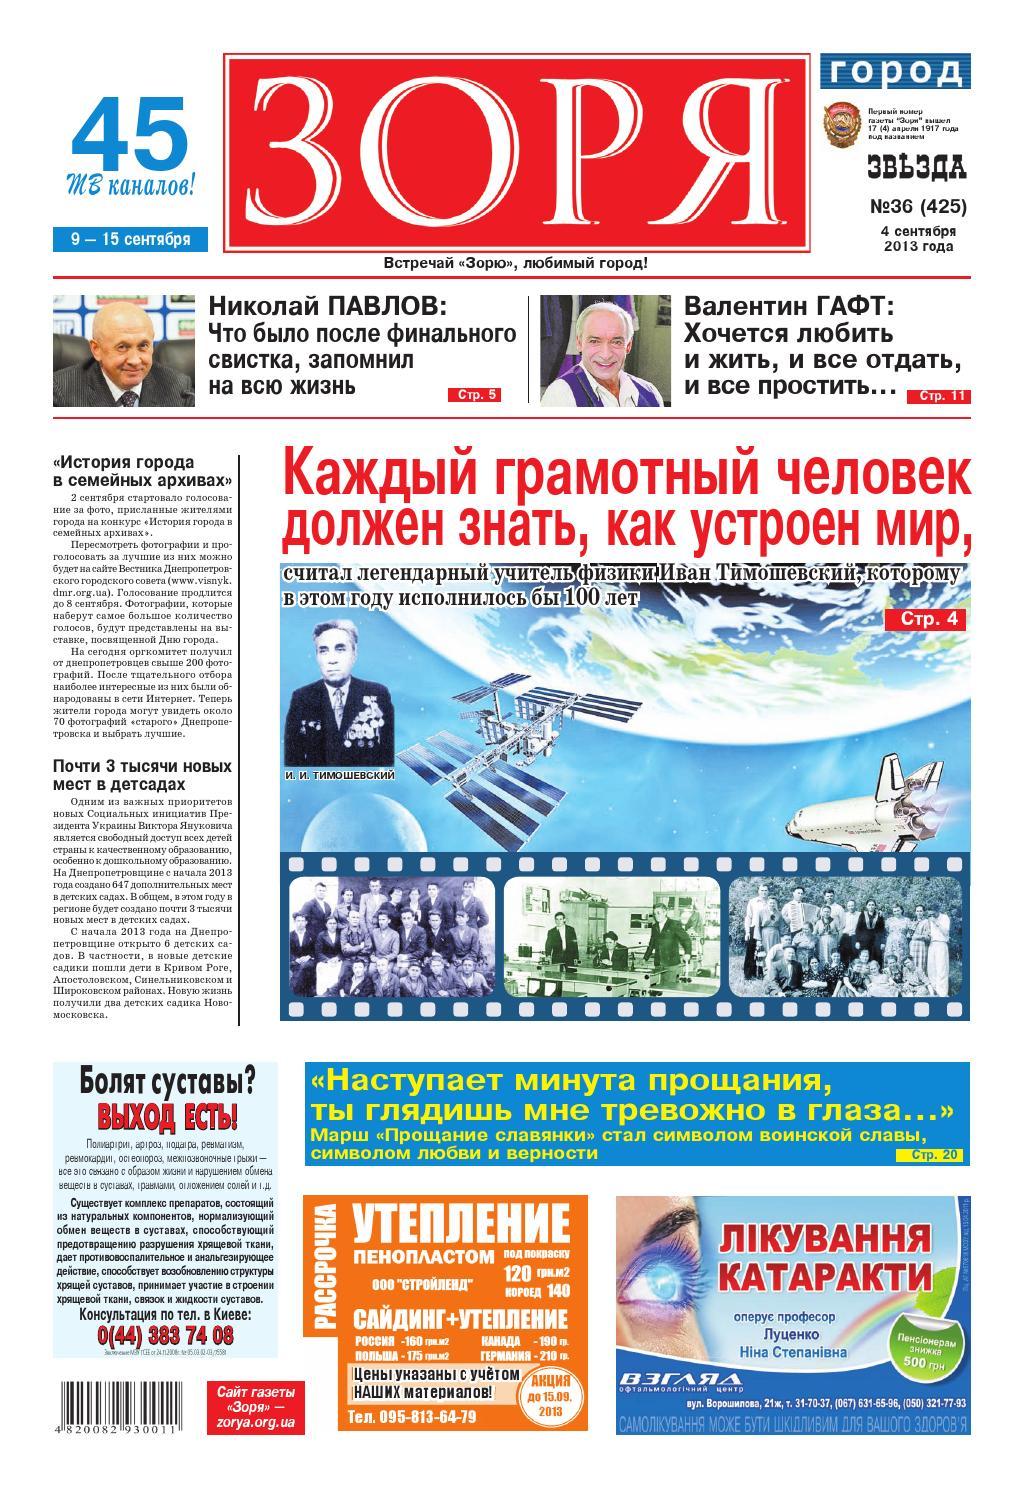 Михайленко: после удаления Кравченко сели очень низко